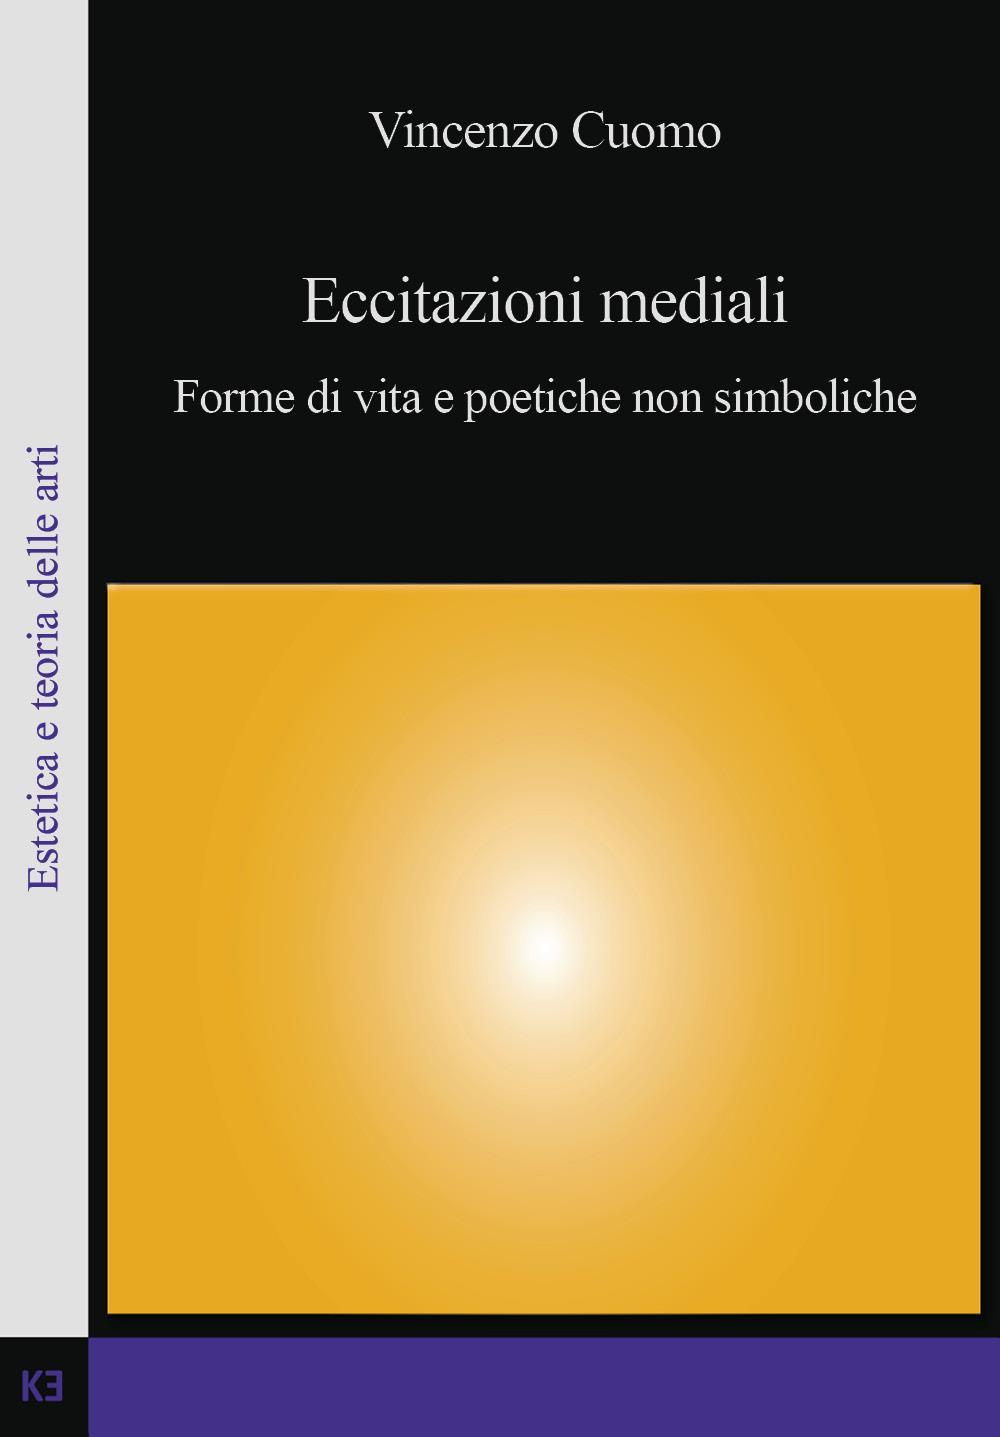 Eccitazioni mediali - Forme di vita e poetiche non simboliche